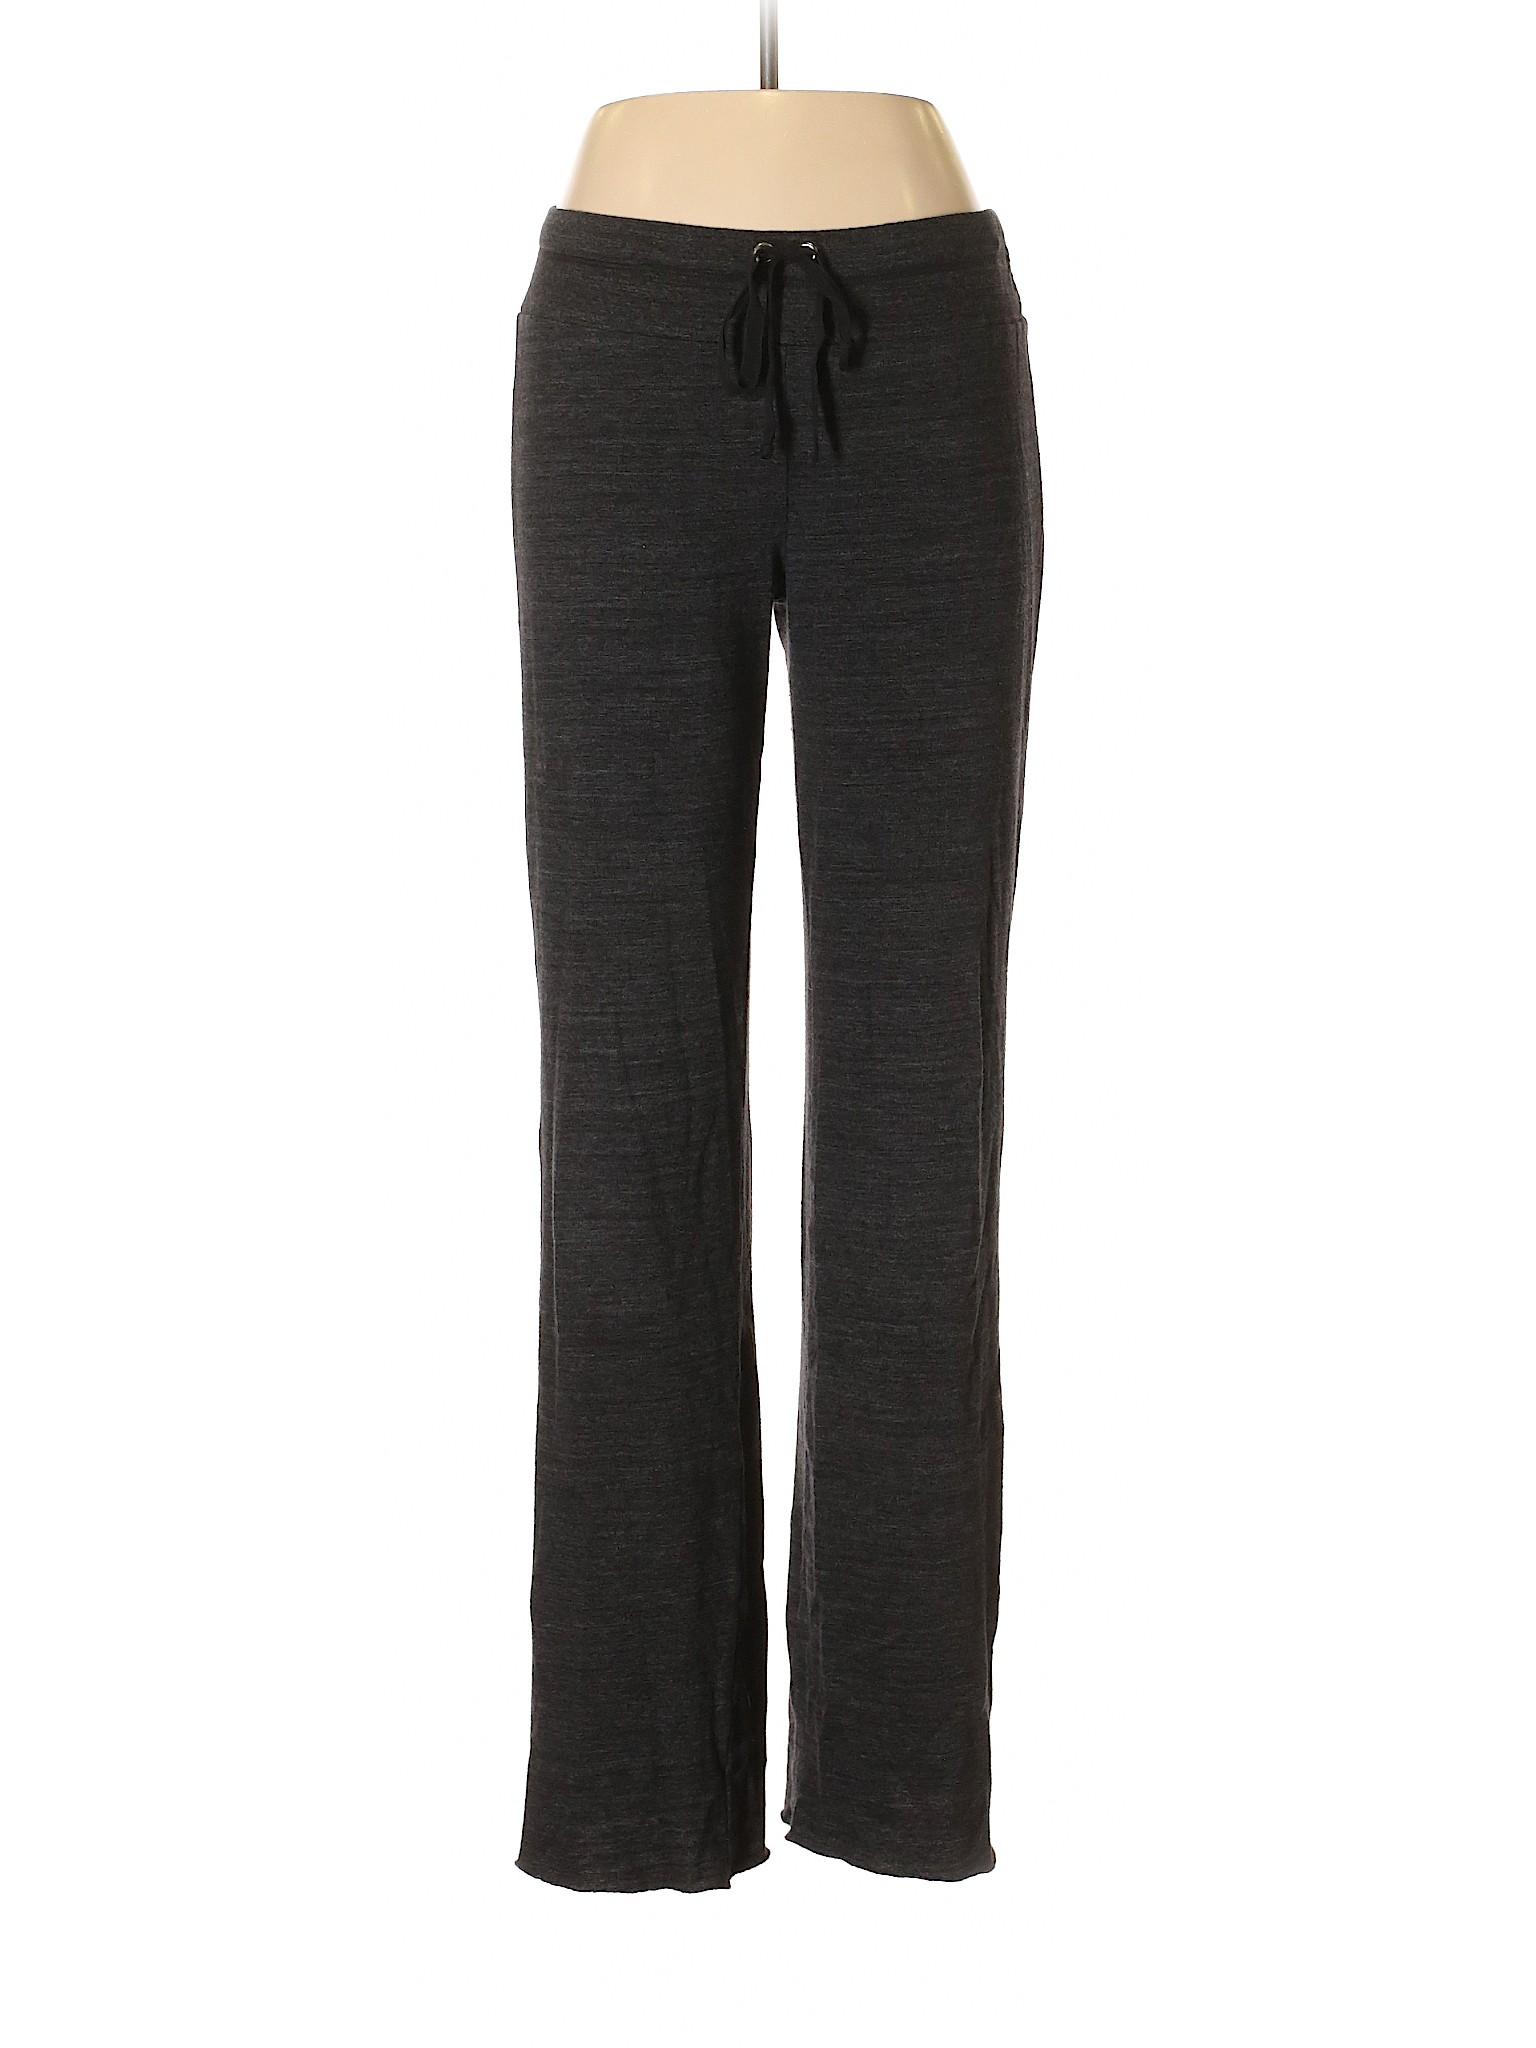 Splendid Sweatpants Boutique Splendid Boutique Sweatpants winter Boutique winter winter 0A0Sq